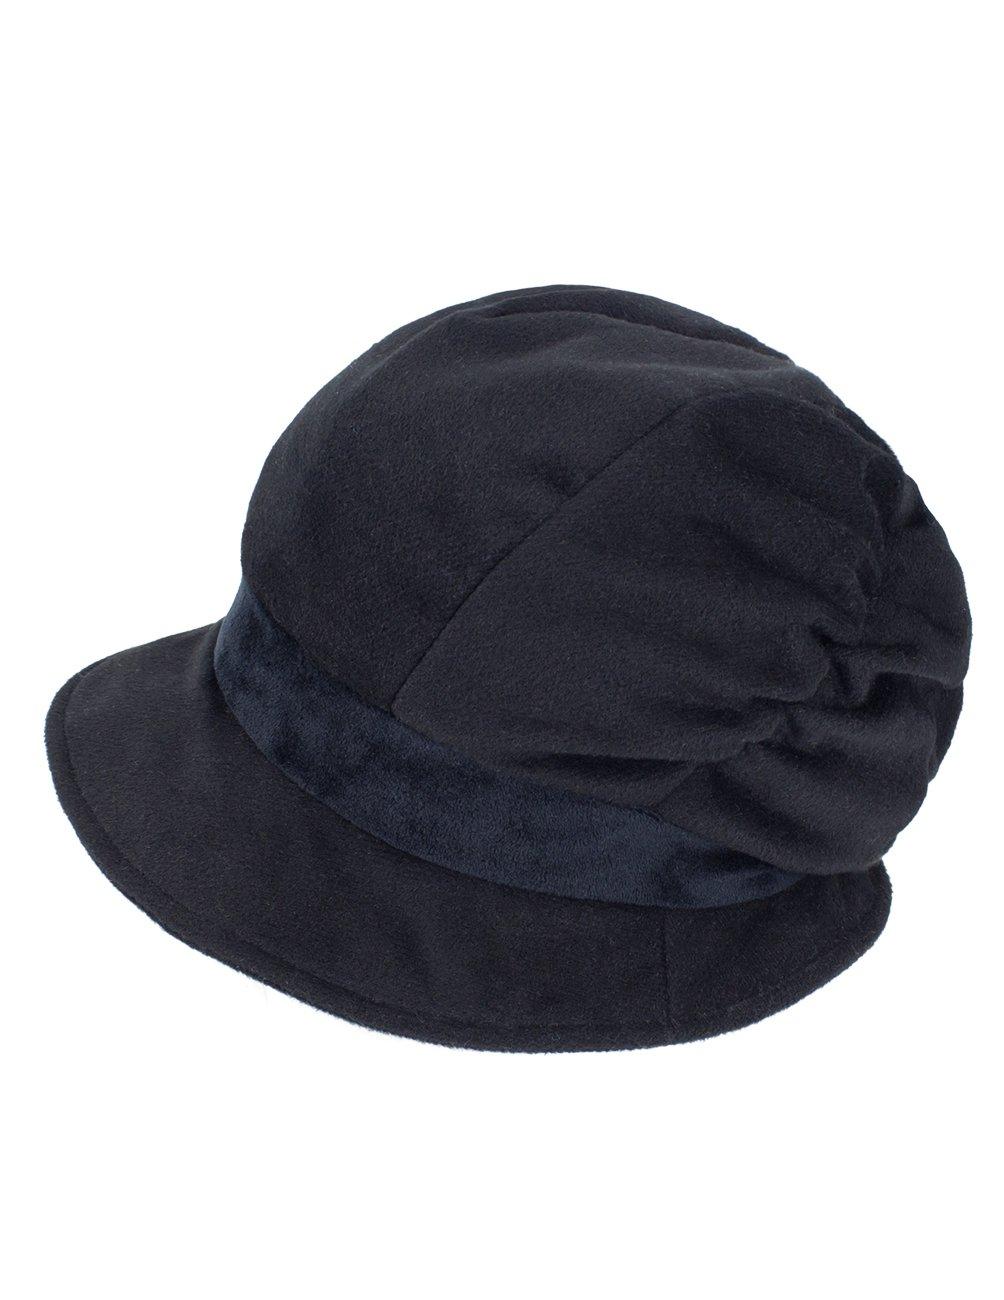 Dahlia Women's Wool Blend Newsboy Hat - Belt Spliced Slouch - Black